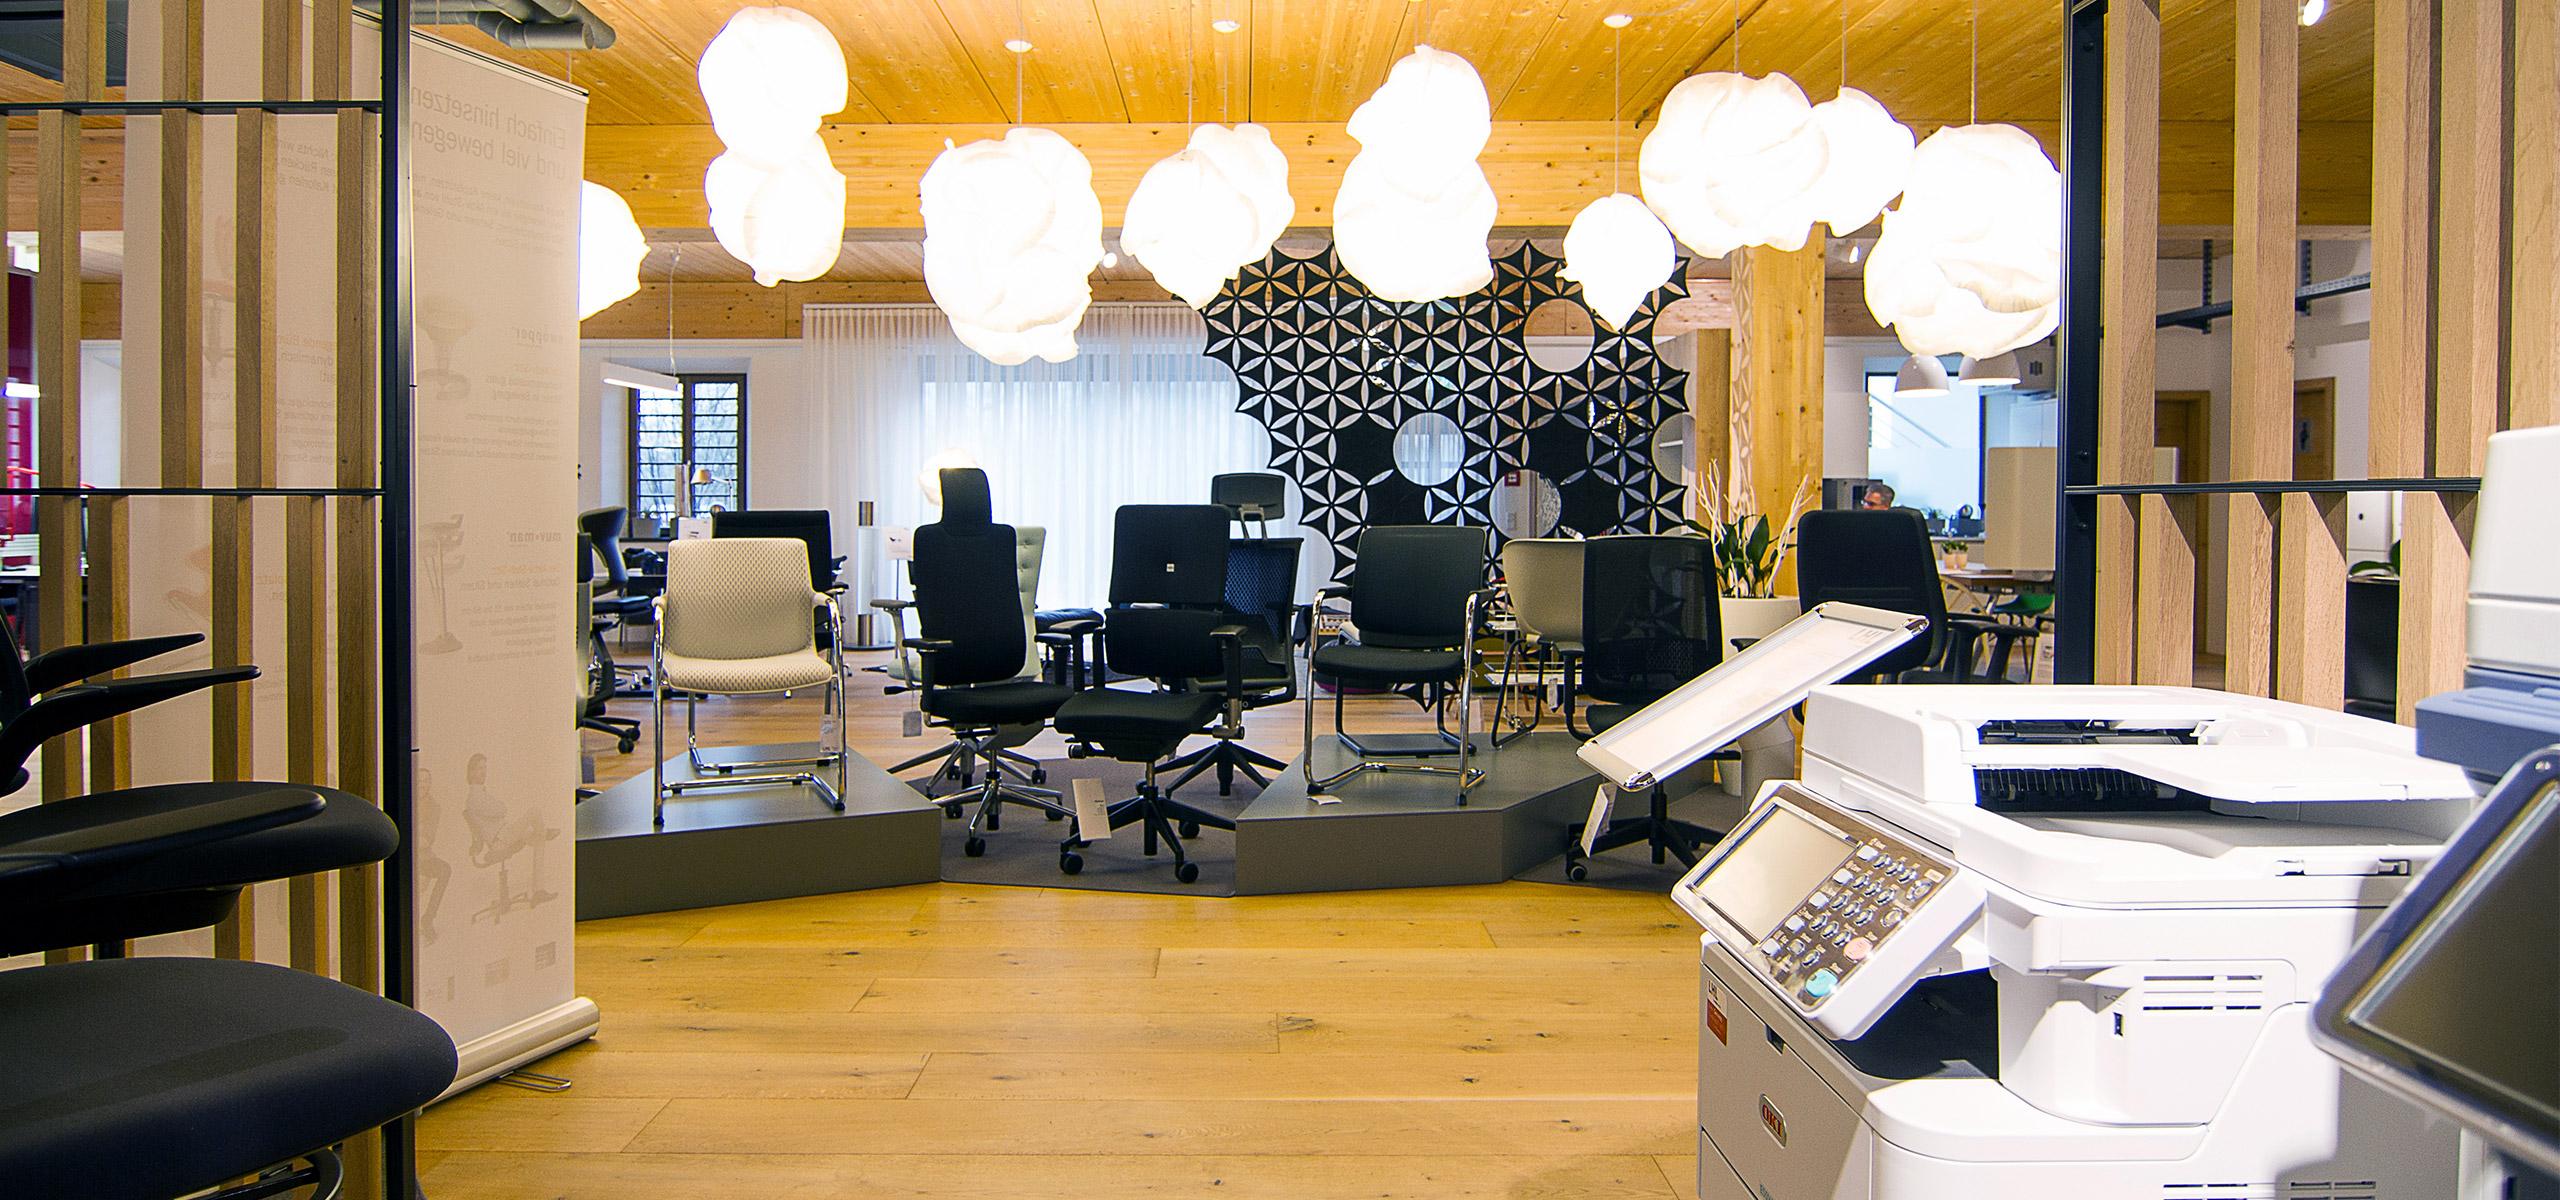 Büromöbel Landshut - Design